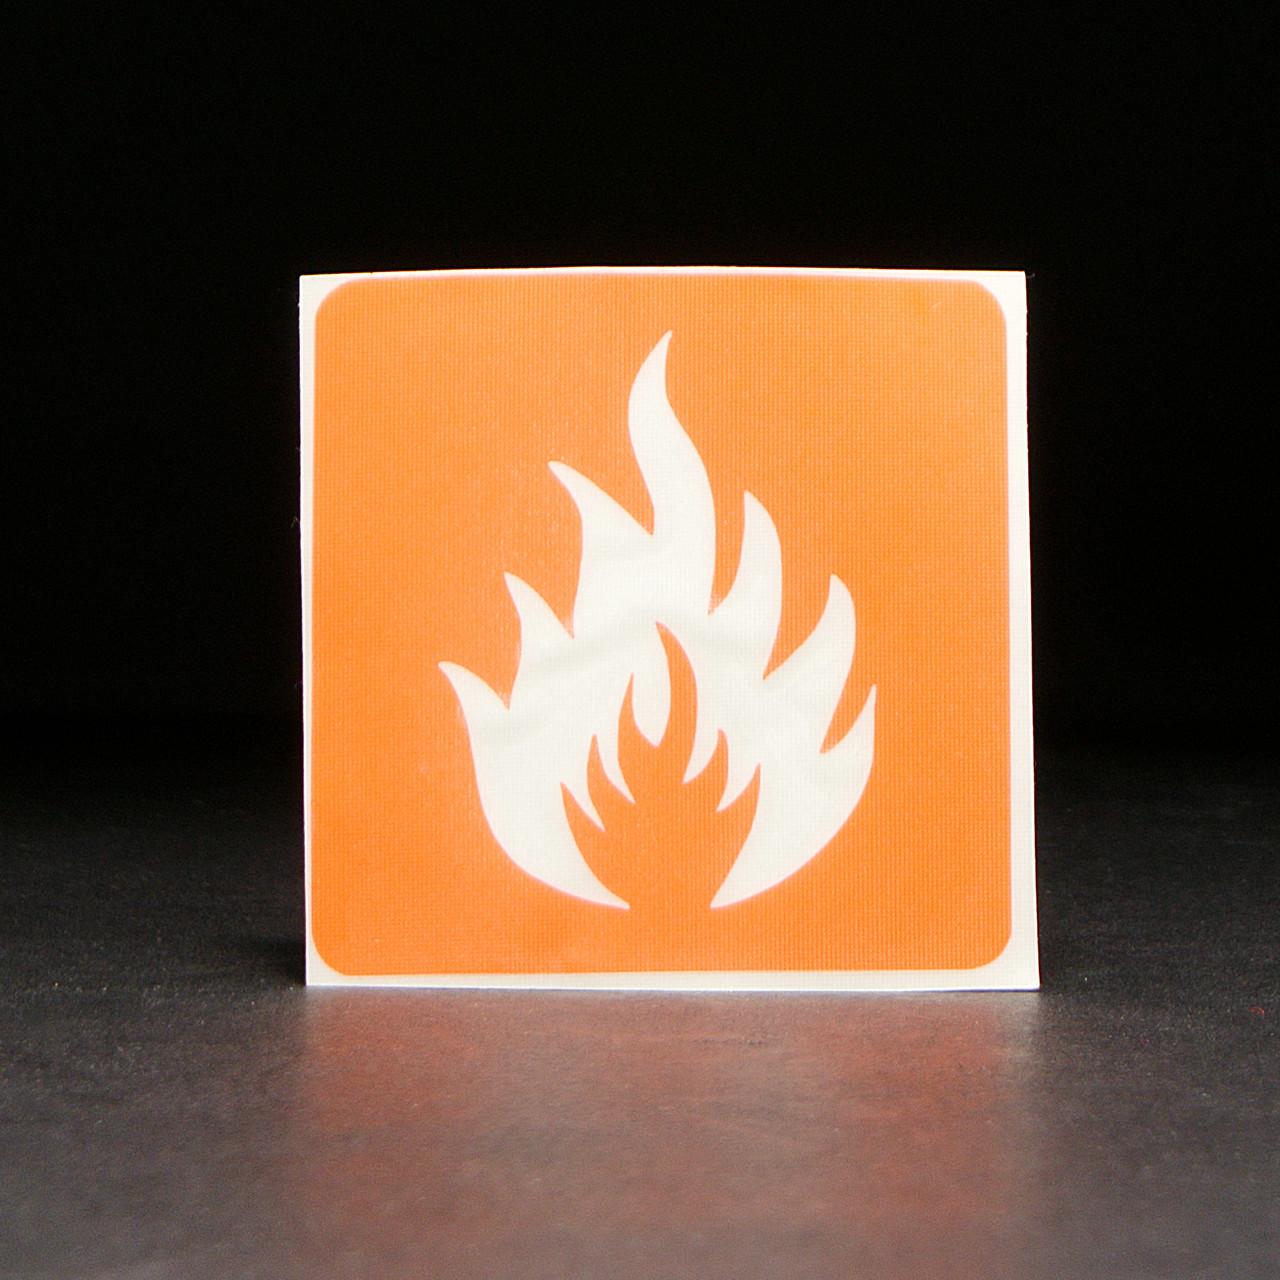 Трафарет для мехенди (рисунков хной на теле) Огонь 6 см